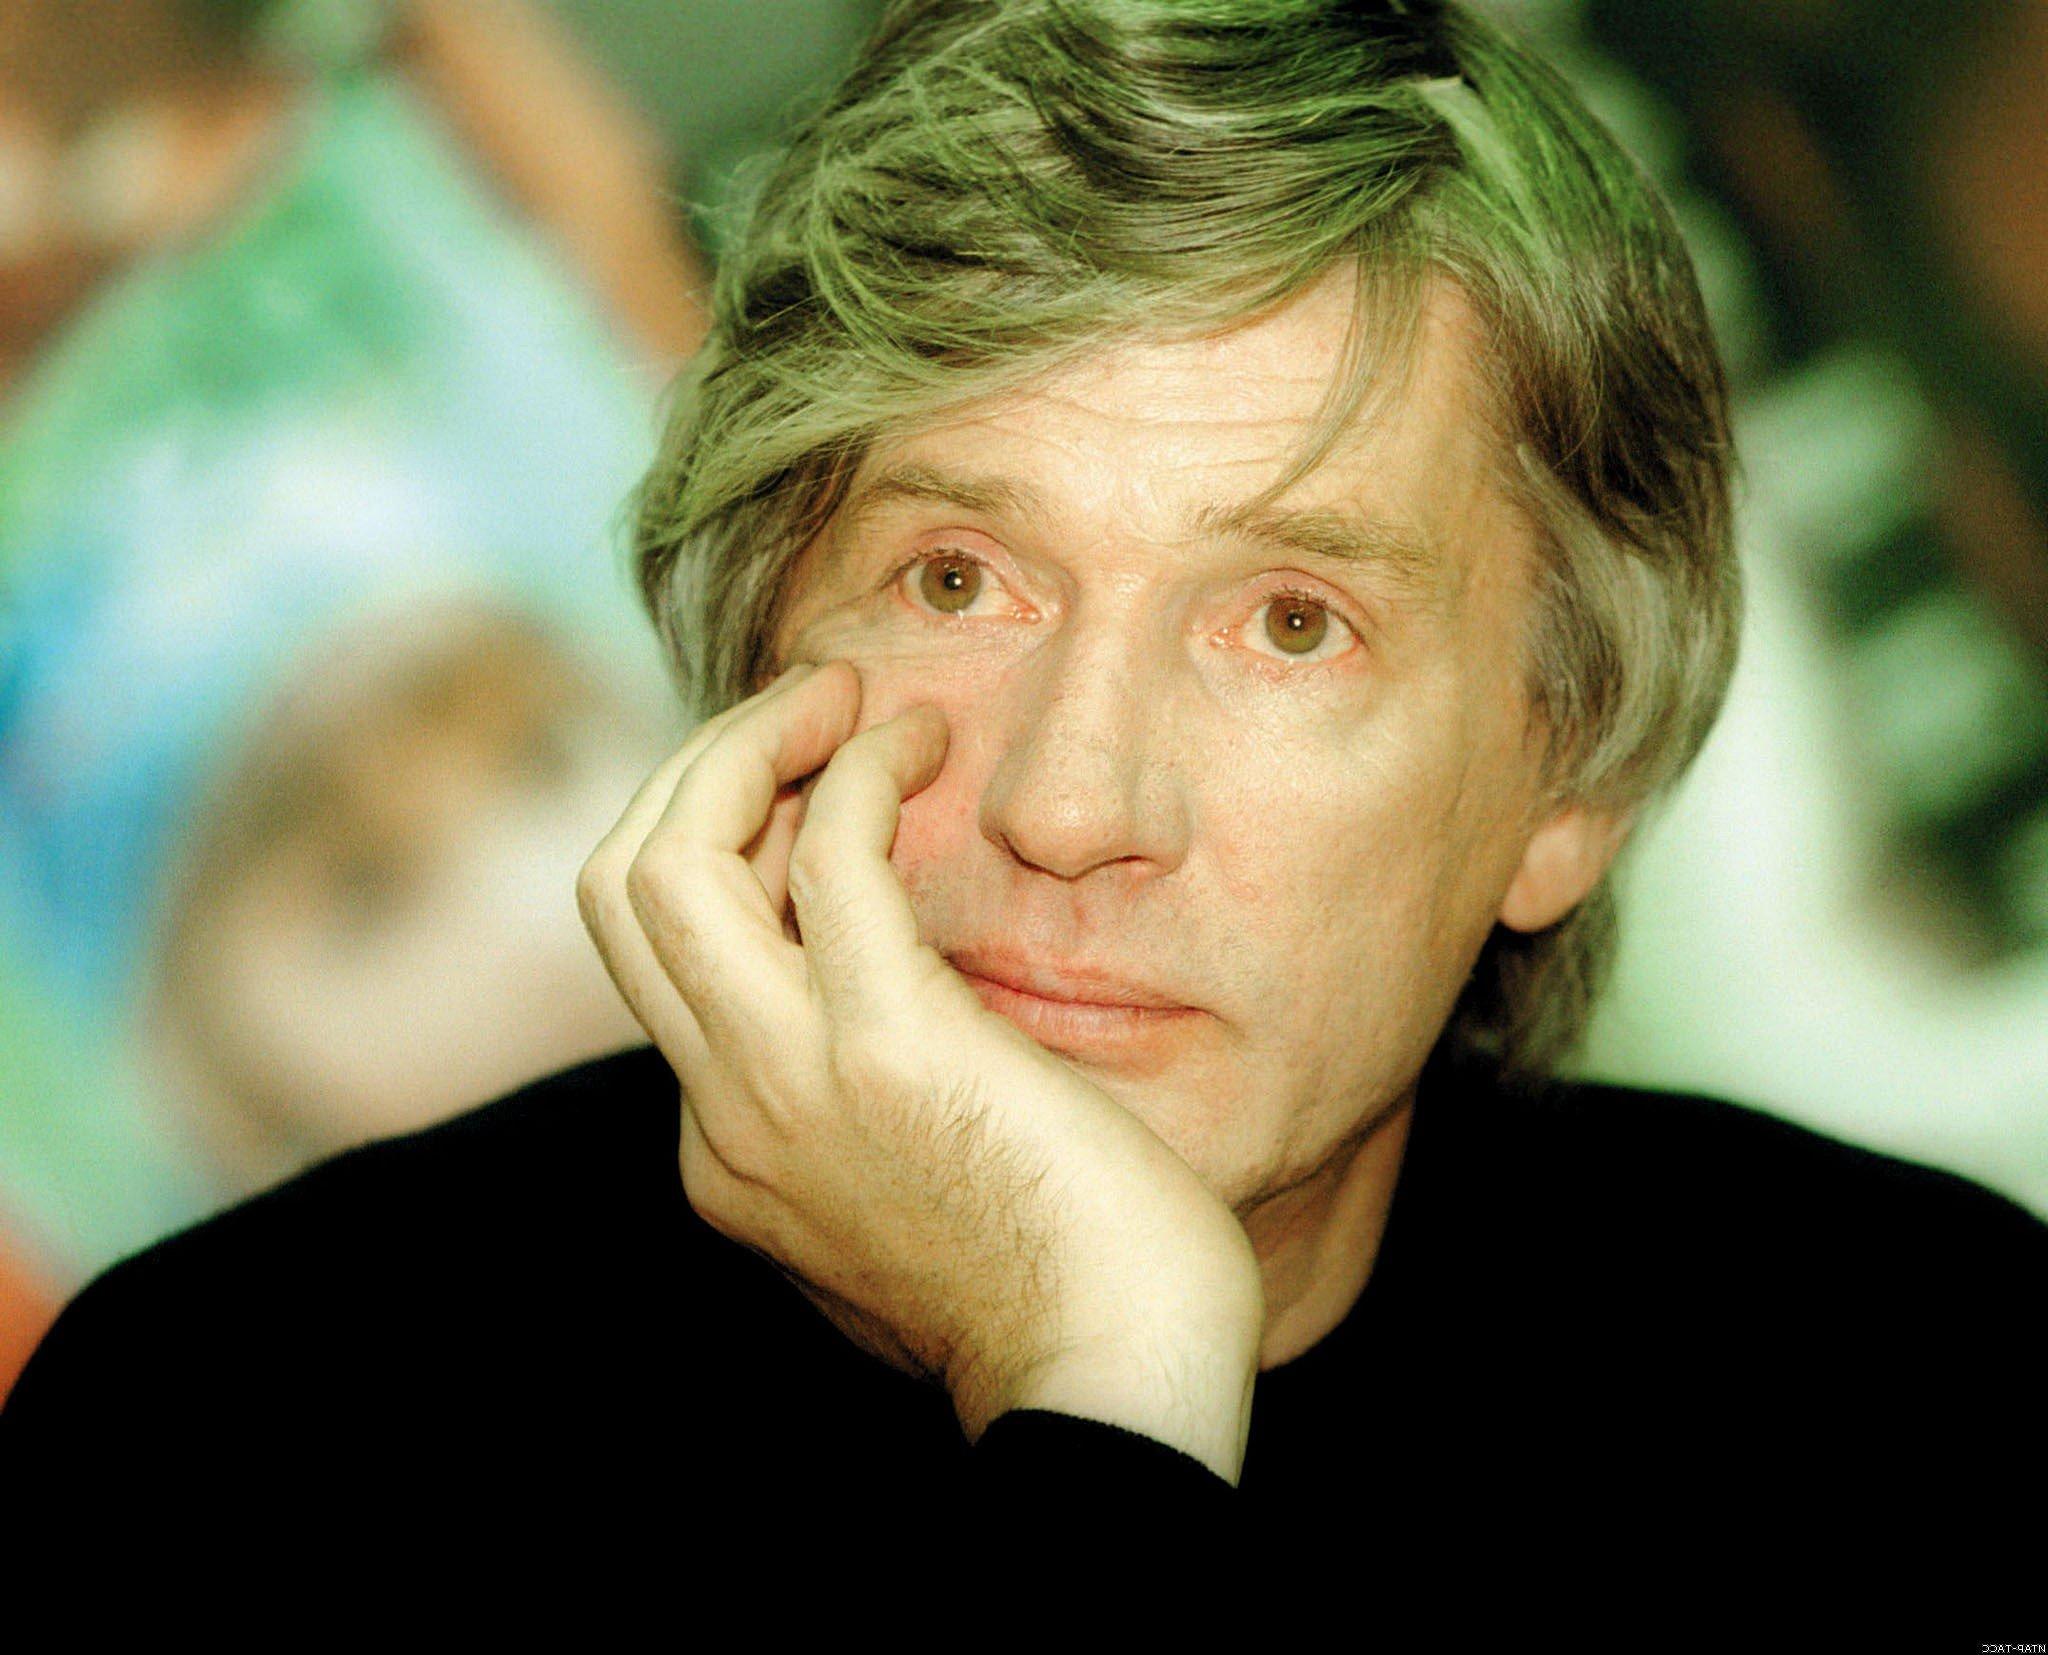 Вдова Народного артиста Александра Абдулова отреагировала на слухи о его внебрачной дочери